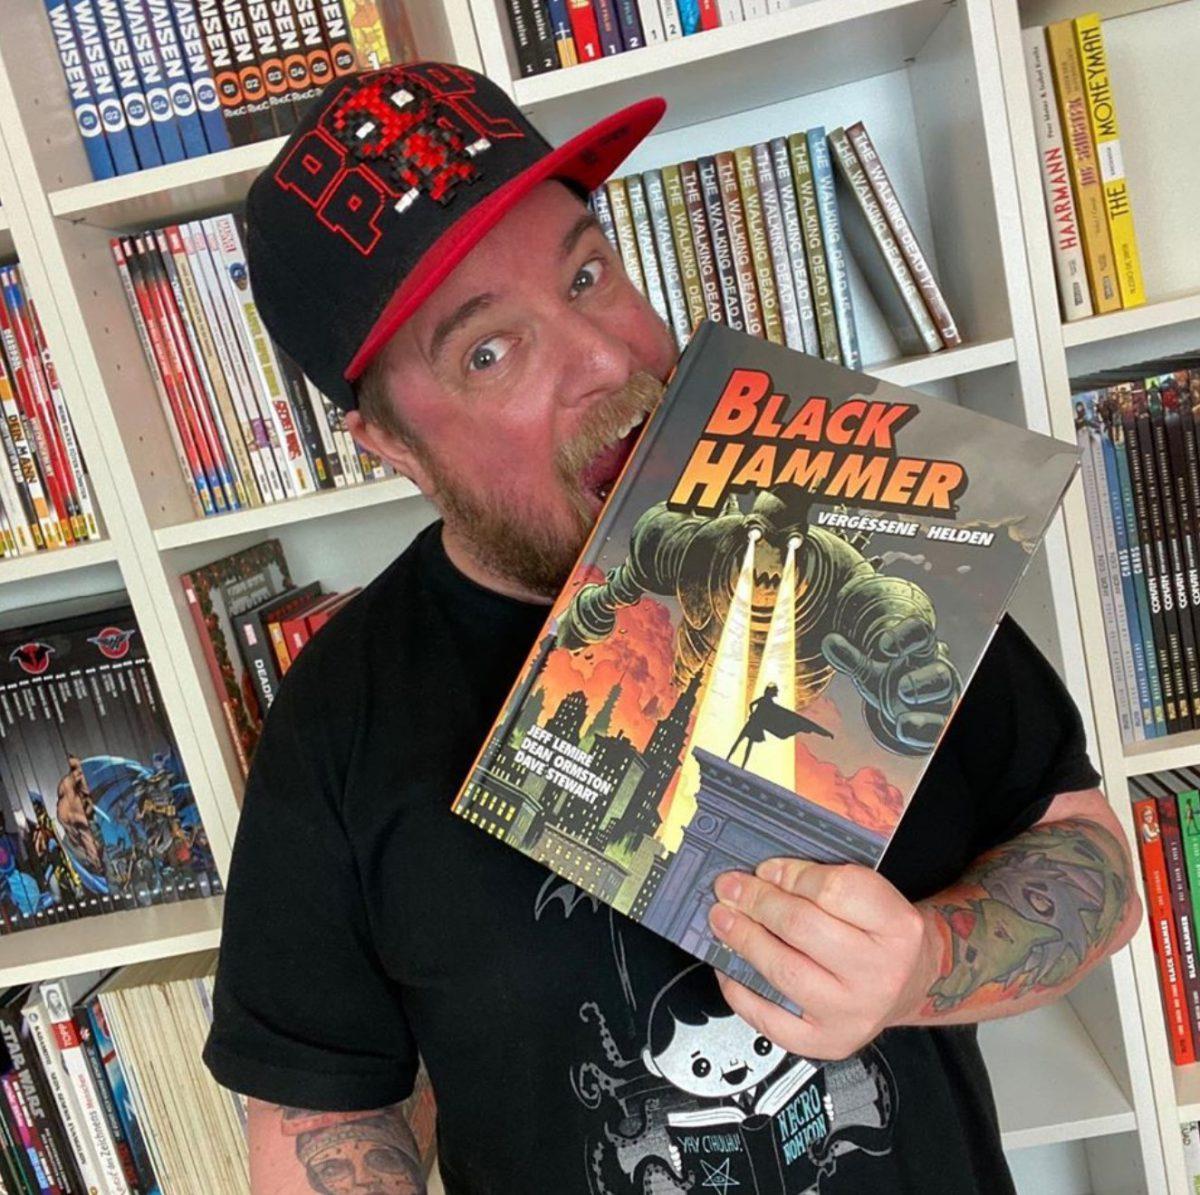 Stephan beißt in einen Black Hammer-Comic